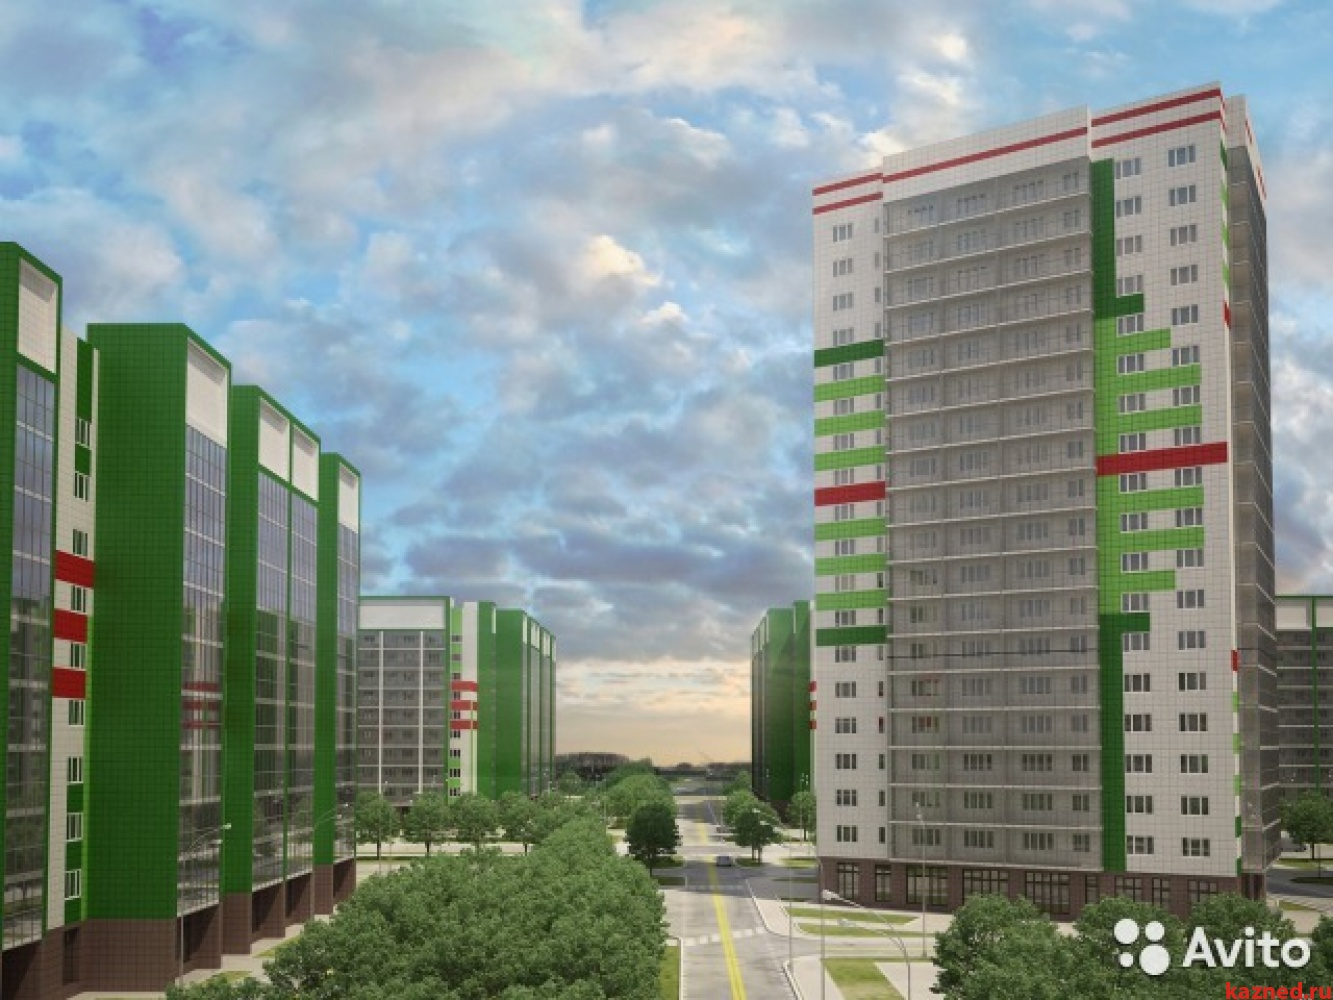 Продажа 1-к квартиры мамадышский тракт дом 5, ЖК ВЕСНА, 35 м² (миниатюра №1)